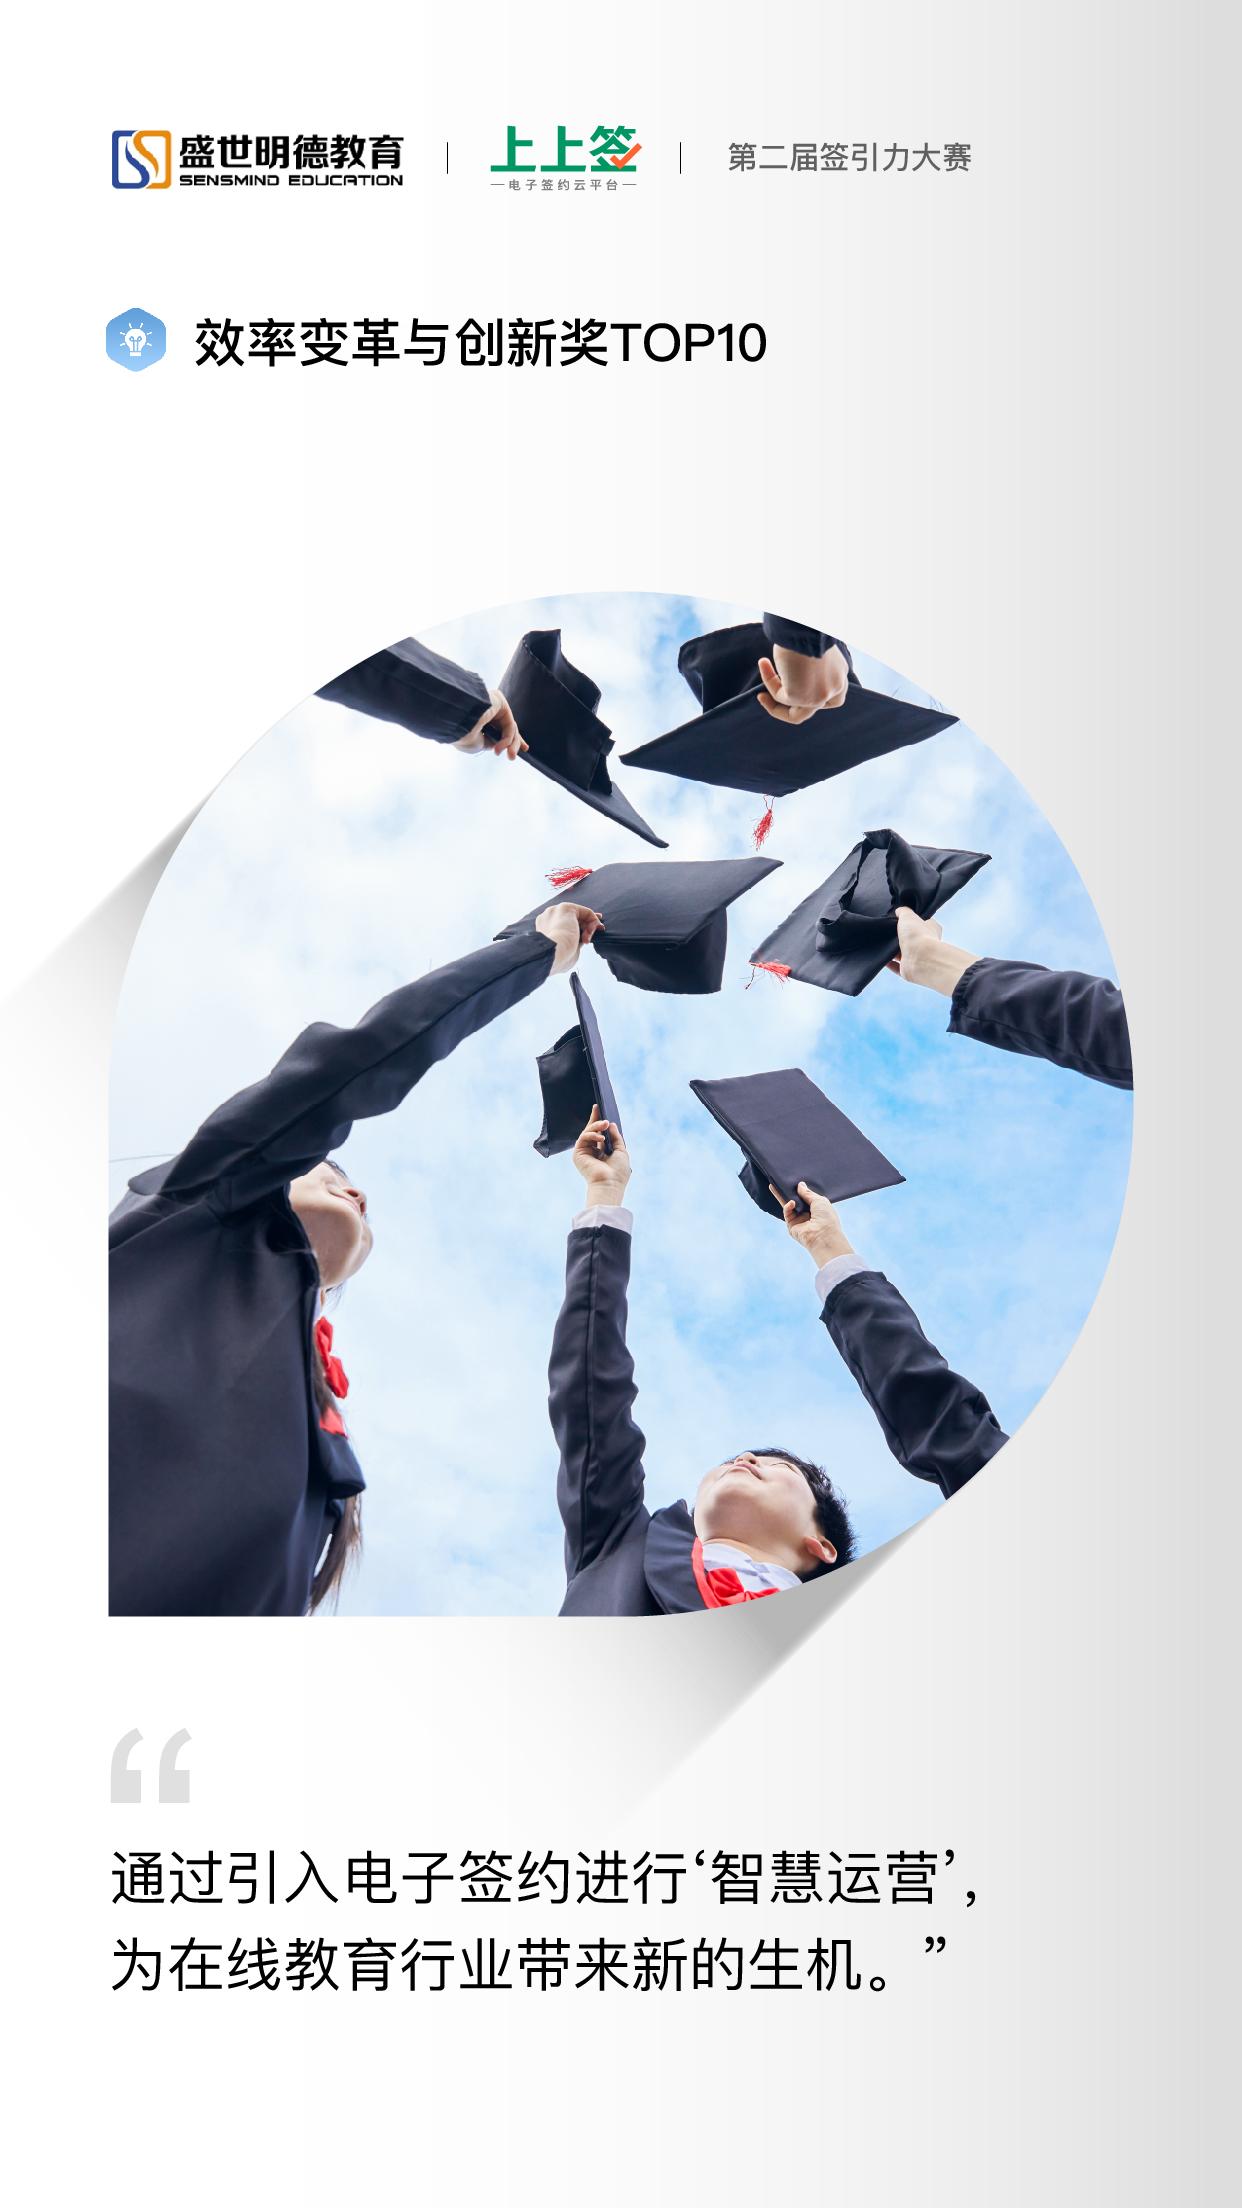 盛世明德携手上上签电子签约为在线教育注入新活力